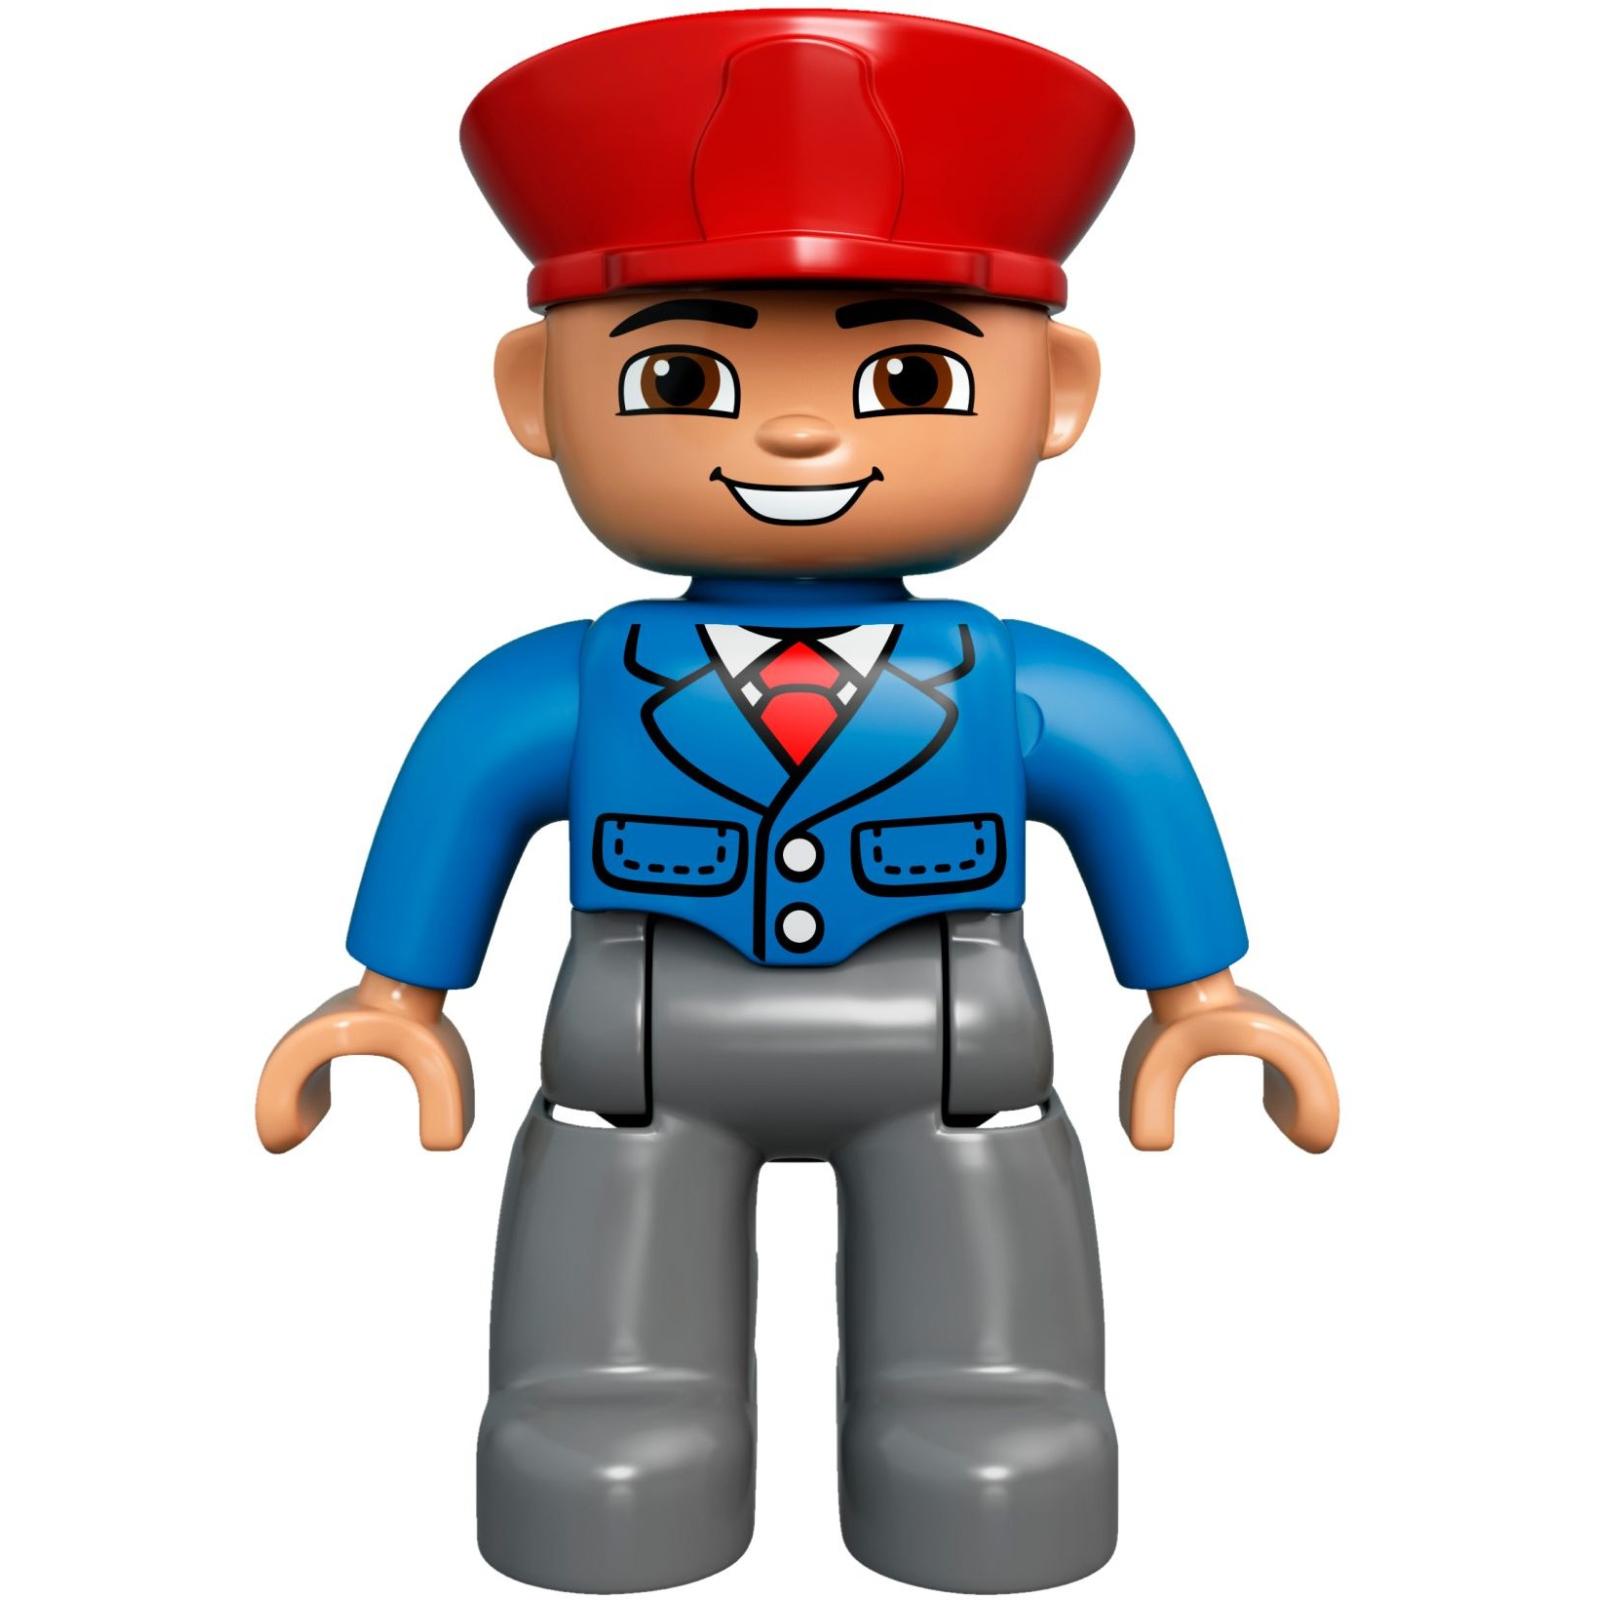 Конструктор LEGO Duplo Town Вокруг света (10805) изображение 10